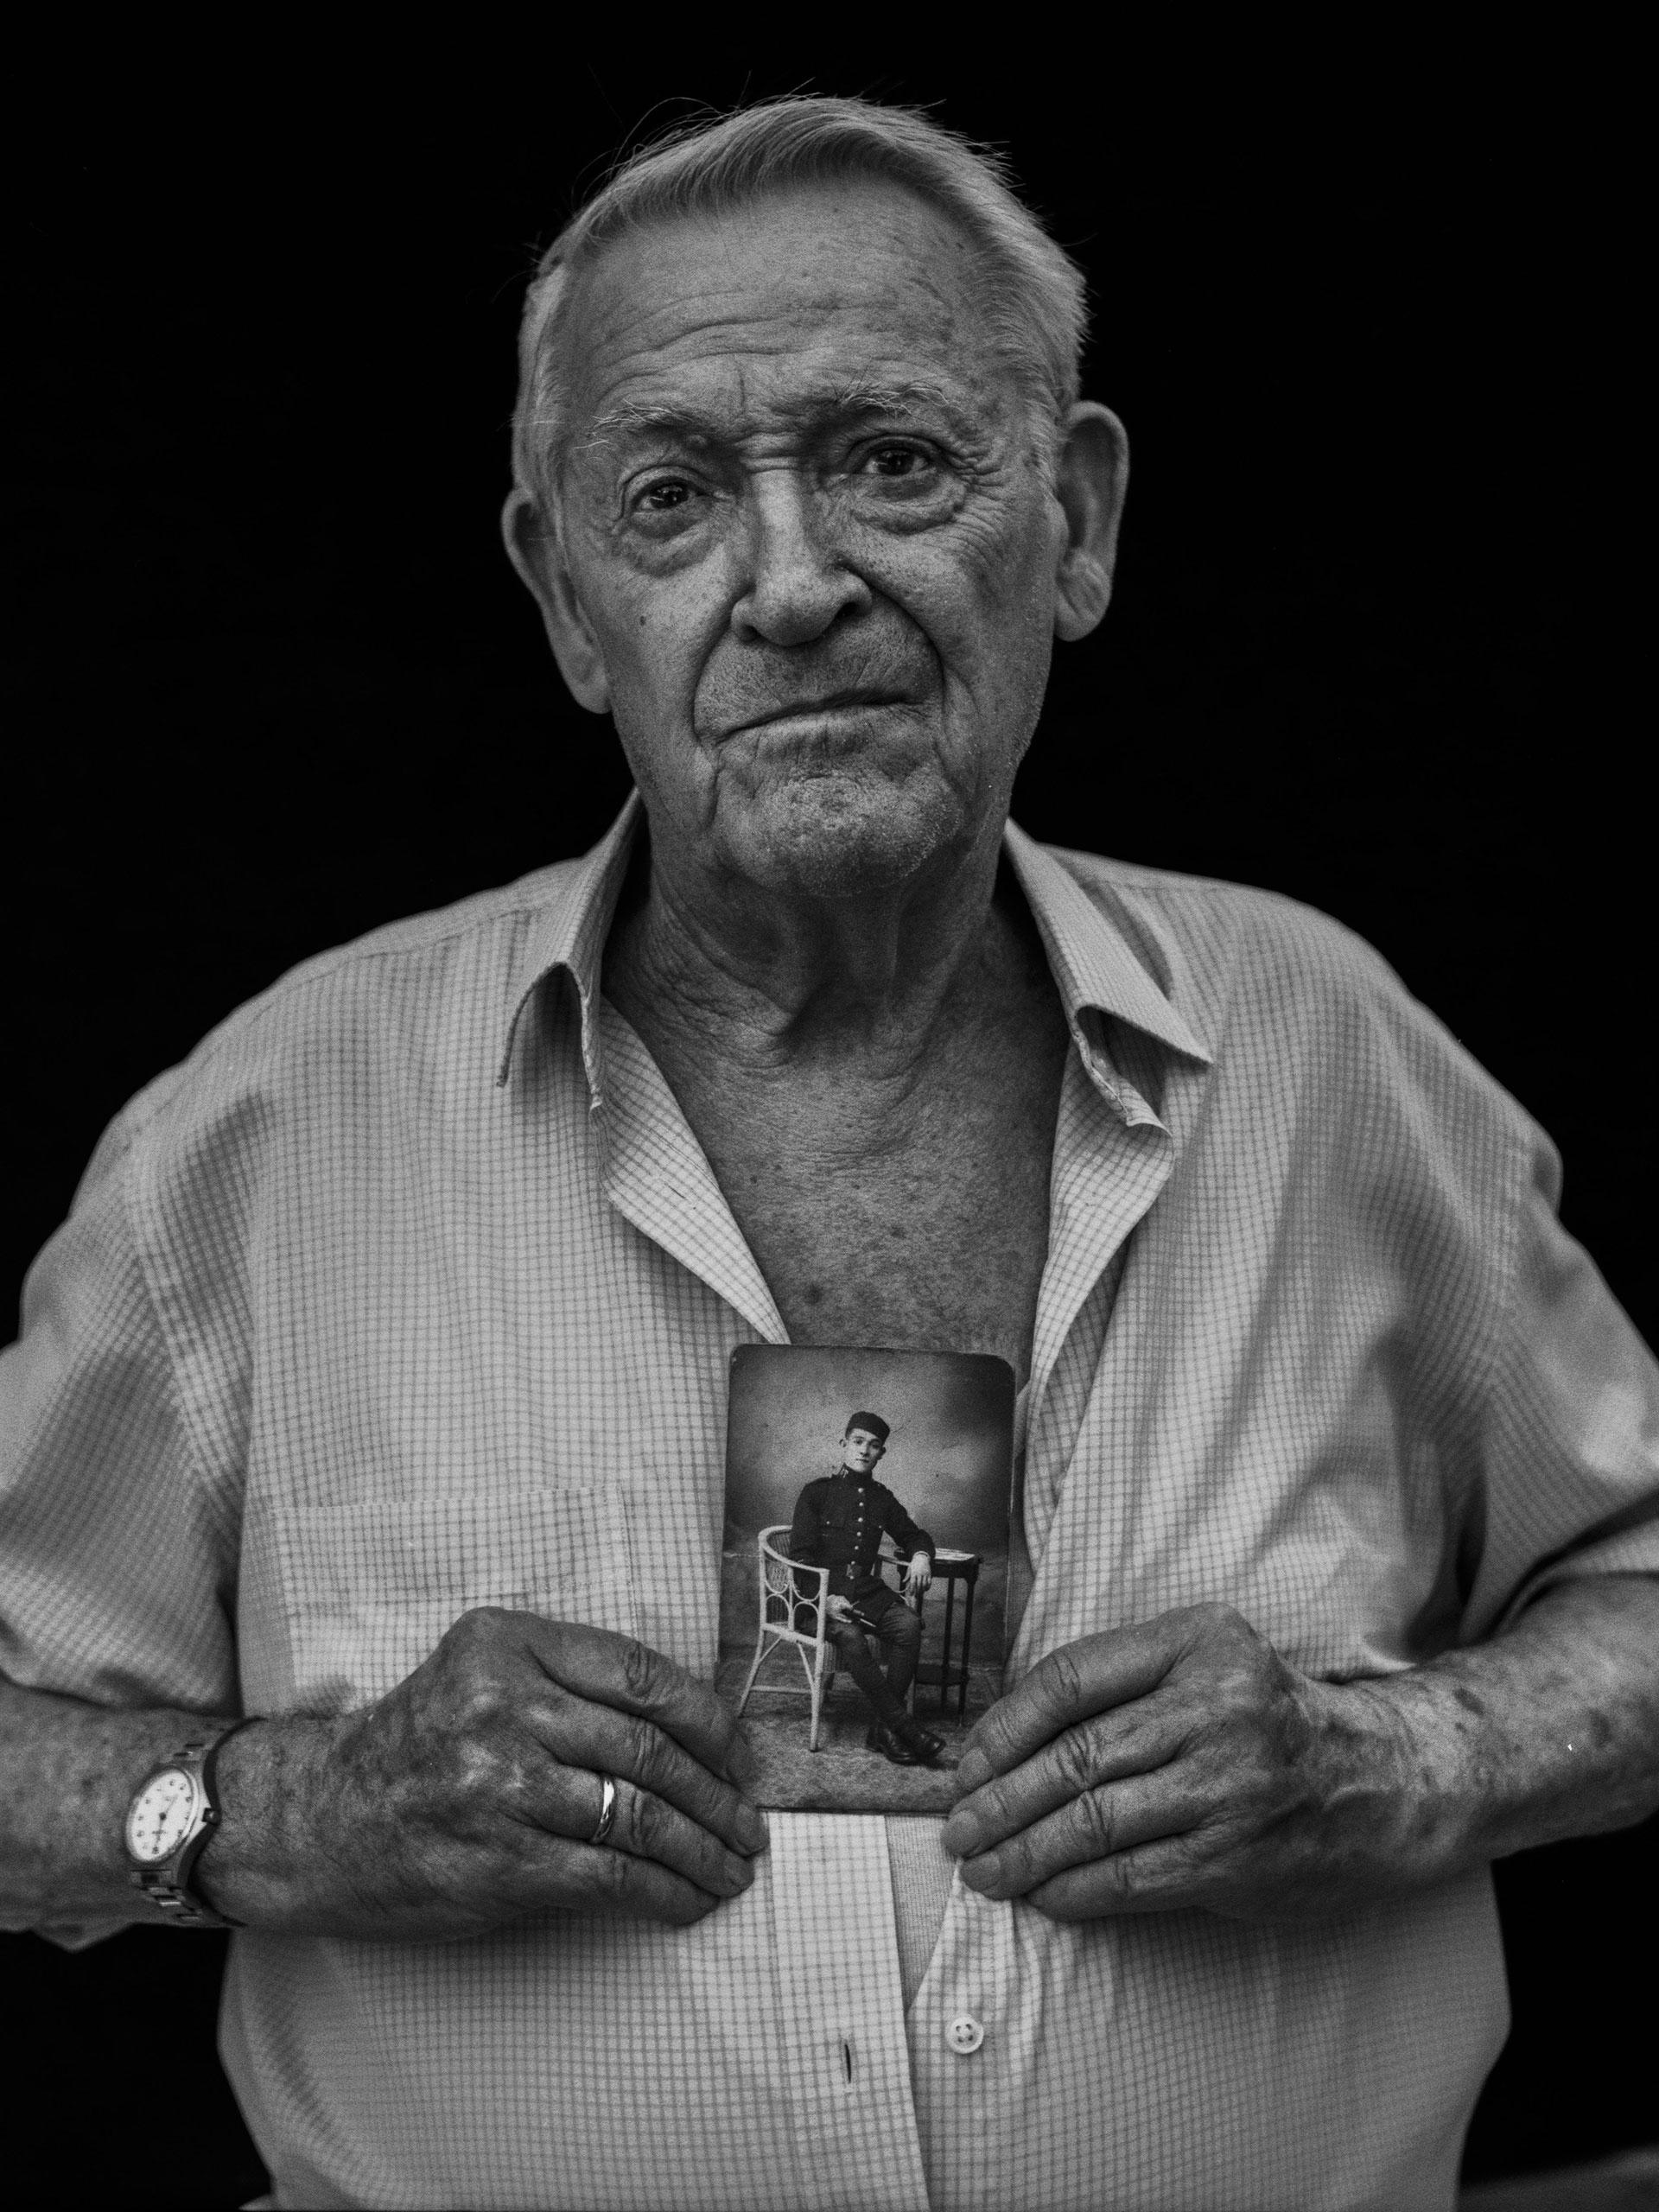 Juan Guirao sostiene la fotografía de su padre, asesinado en 1940 y enterrado en una fosa de Paterna, Valencia. Juan falleció, enfermo de Alzheimer, el 28 de febrero de 2019.